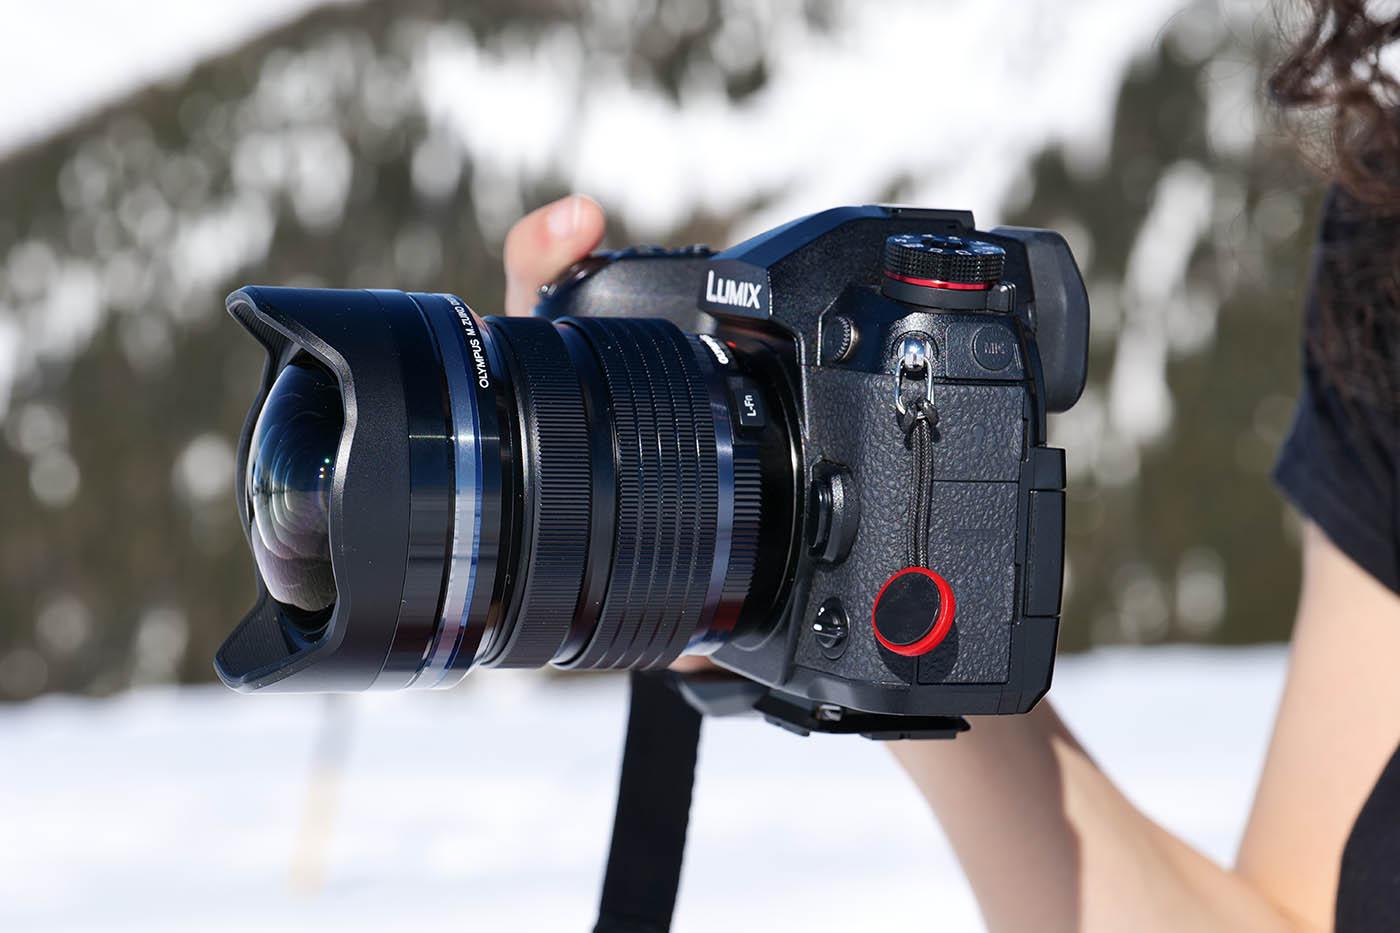 Olympus 7-14 mm f2.8 test